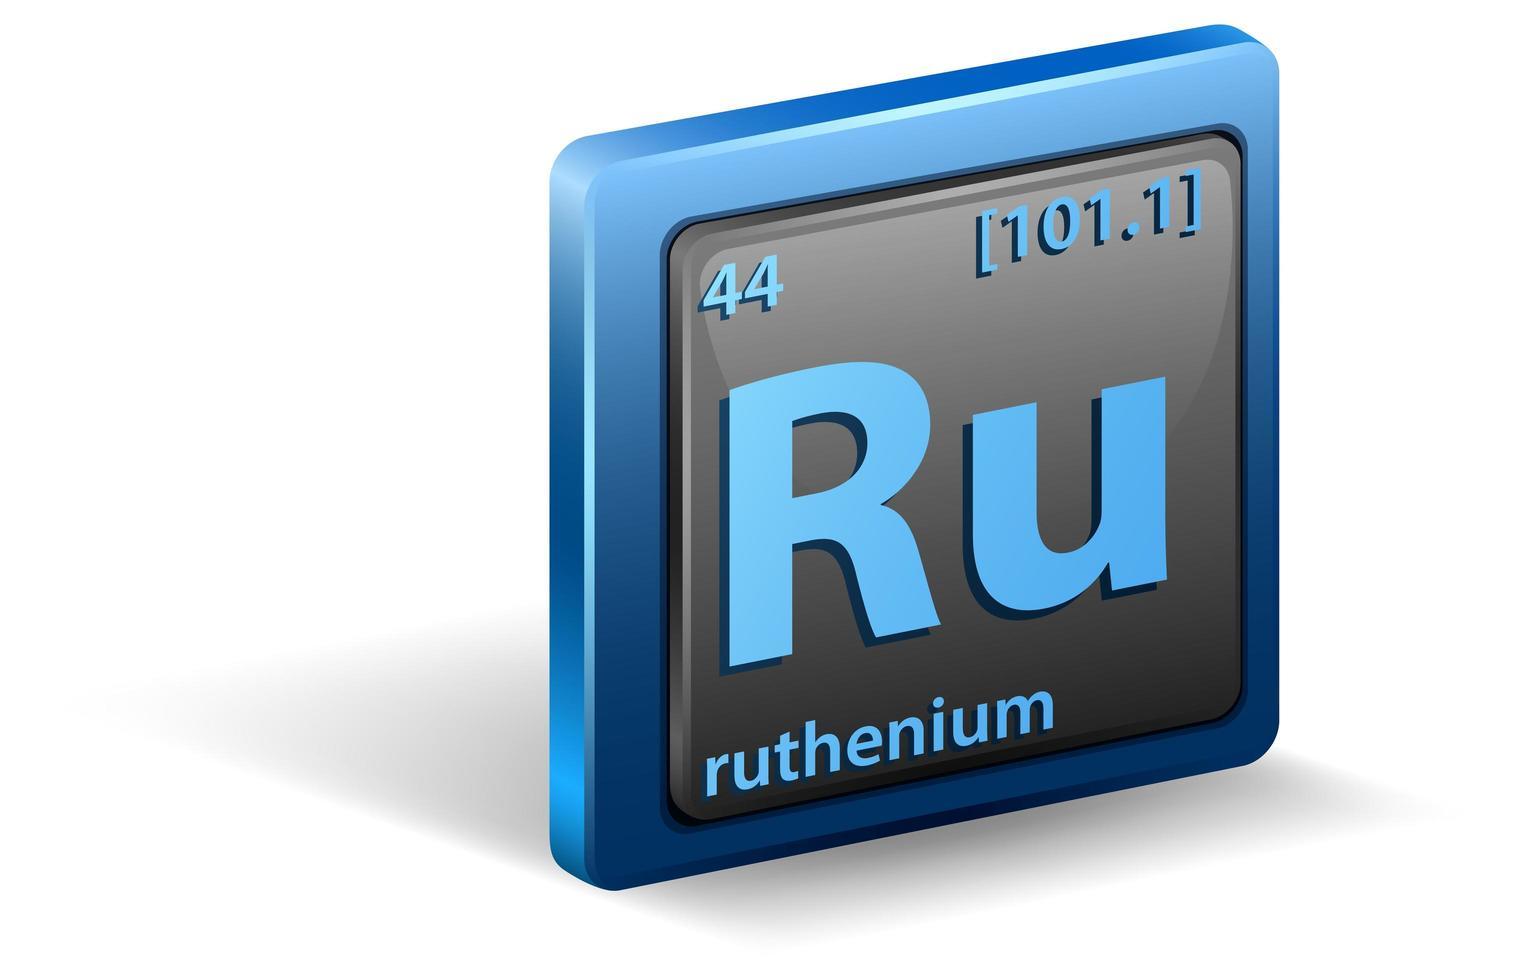 élément chimique ruthénium. symbole chimique avec numéro atomique et masse atomique. vecteur